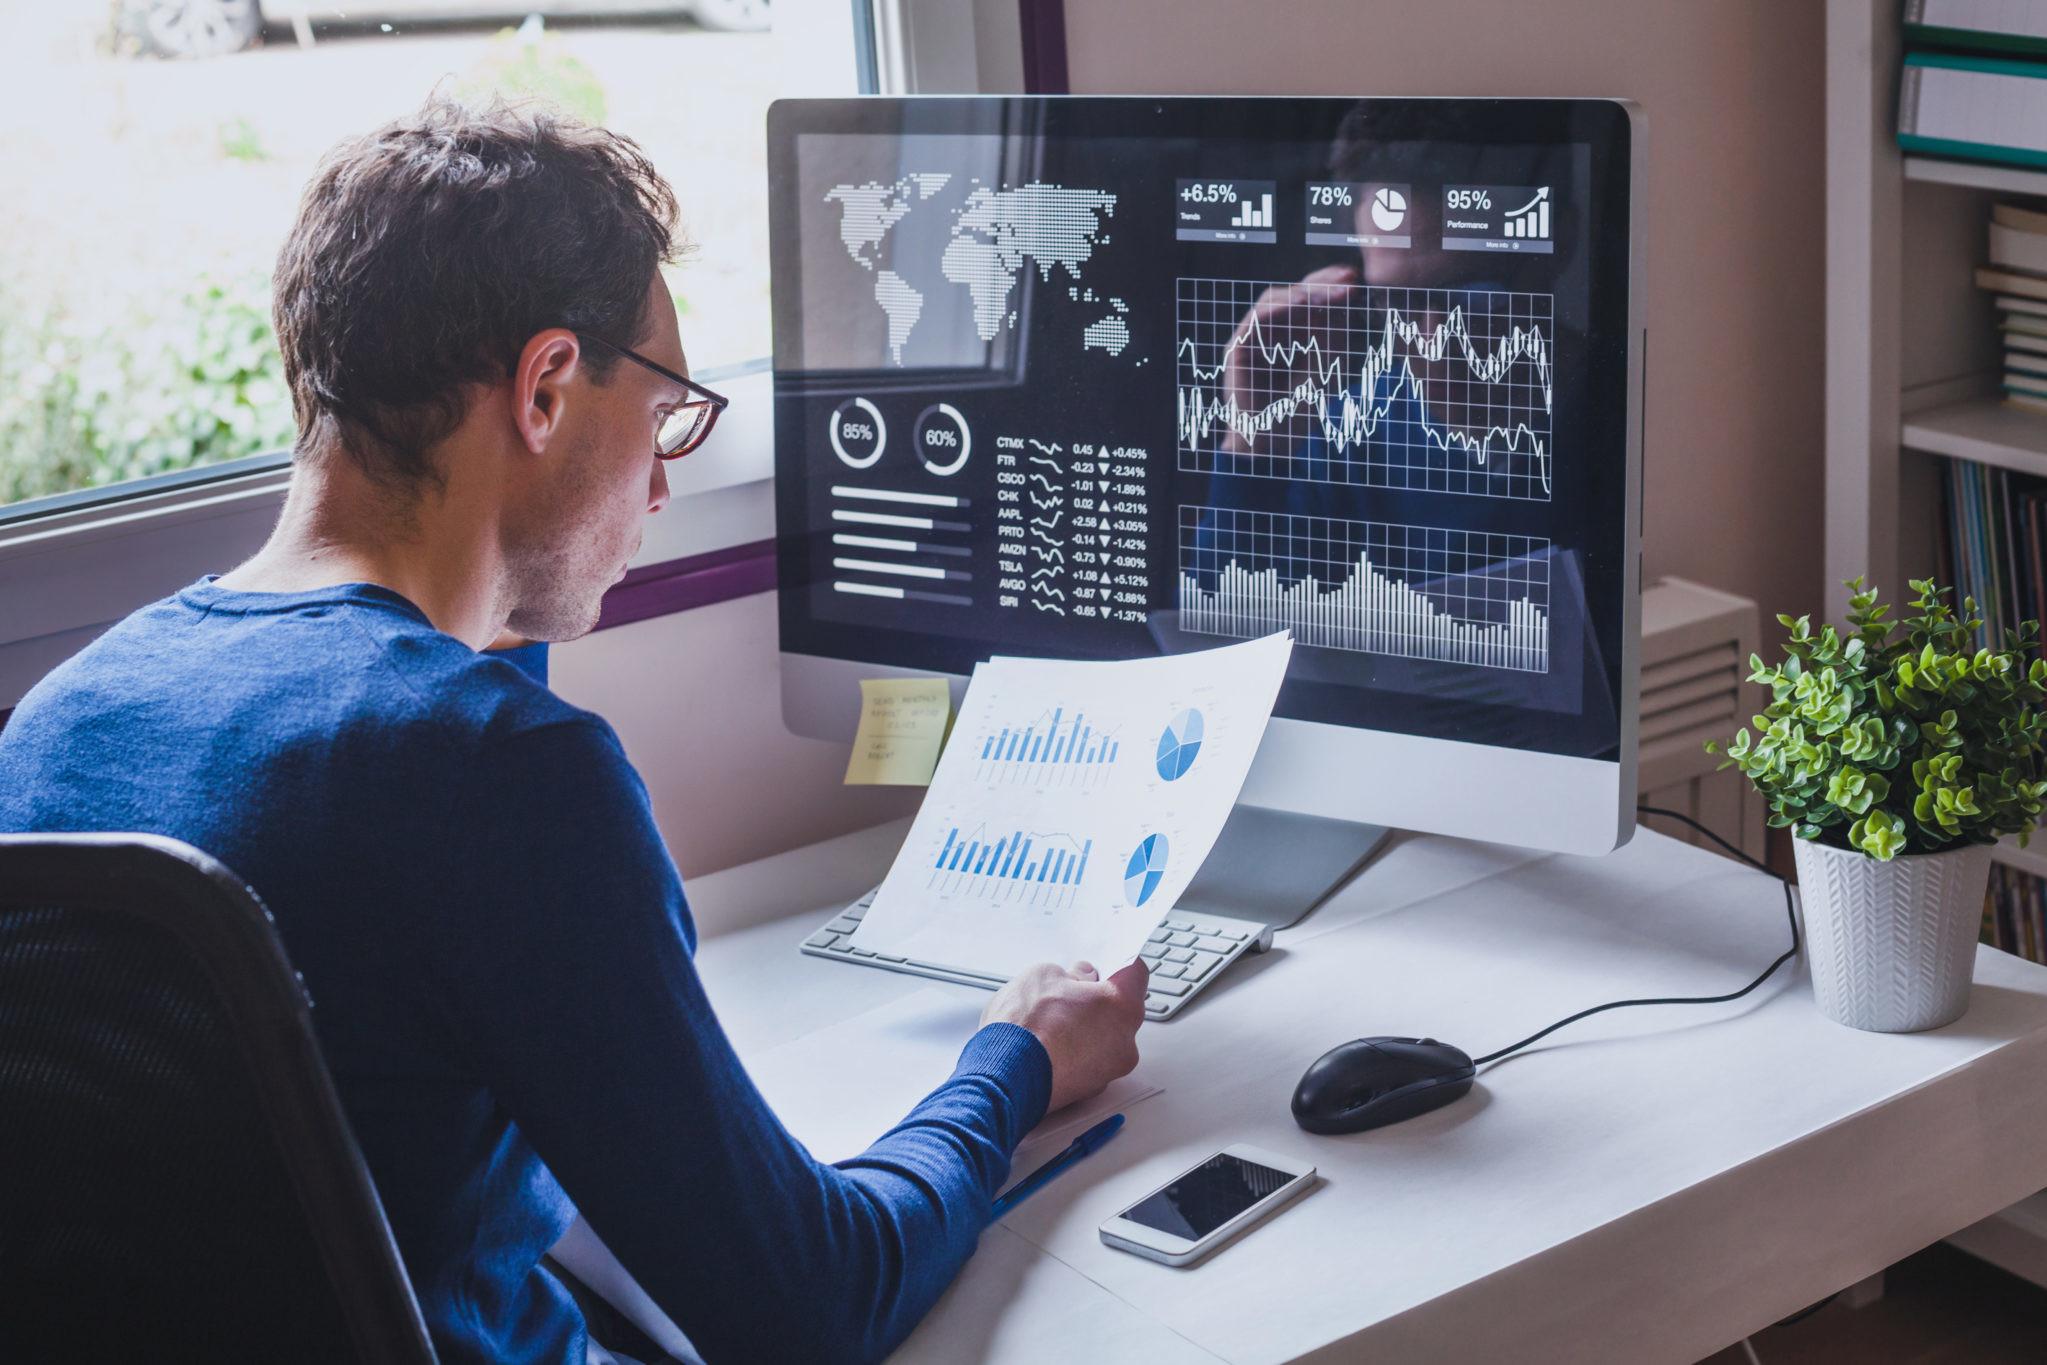 Hybrid Cloud Lösungen als innovativer und kostengünstiger Faktor des Wirtschaftens., VMware on AWS: So gelingt der Einstieg in die Hybrid Cloud